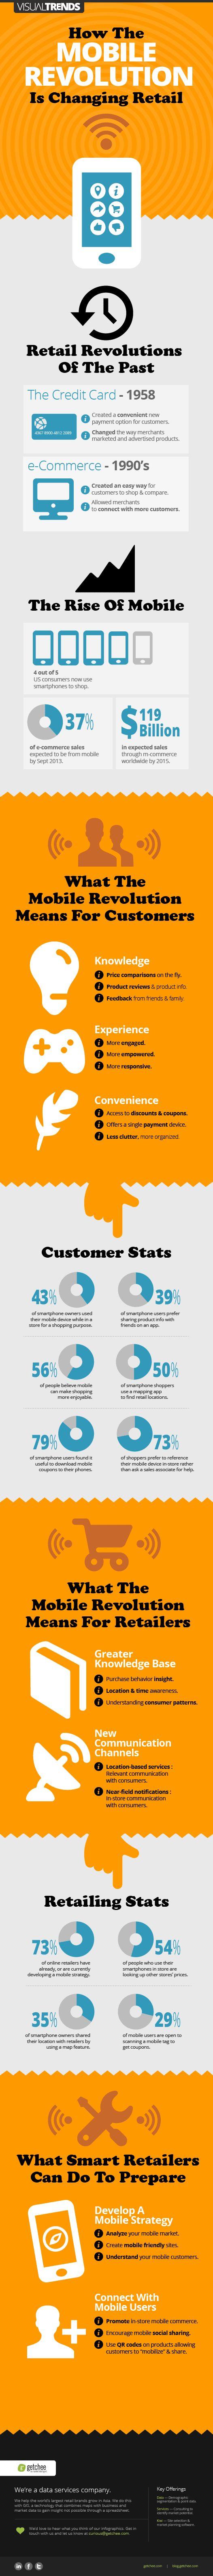 M-Commerce: Das Mobile Web revolutioniert den Handel [Infografik]   http://t3n.de/news/m-commerce-mobile-web-432320/m-commerce-infografikgetchee/#